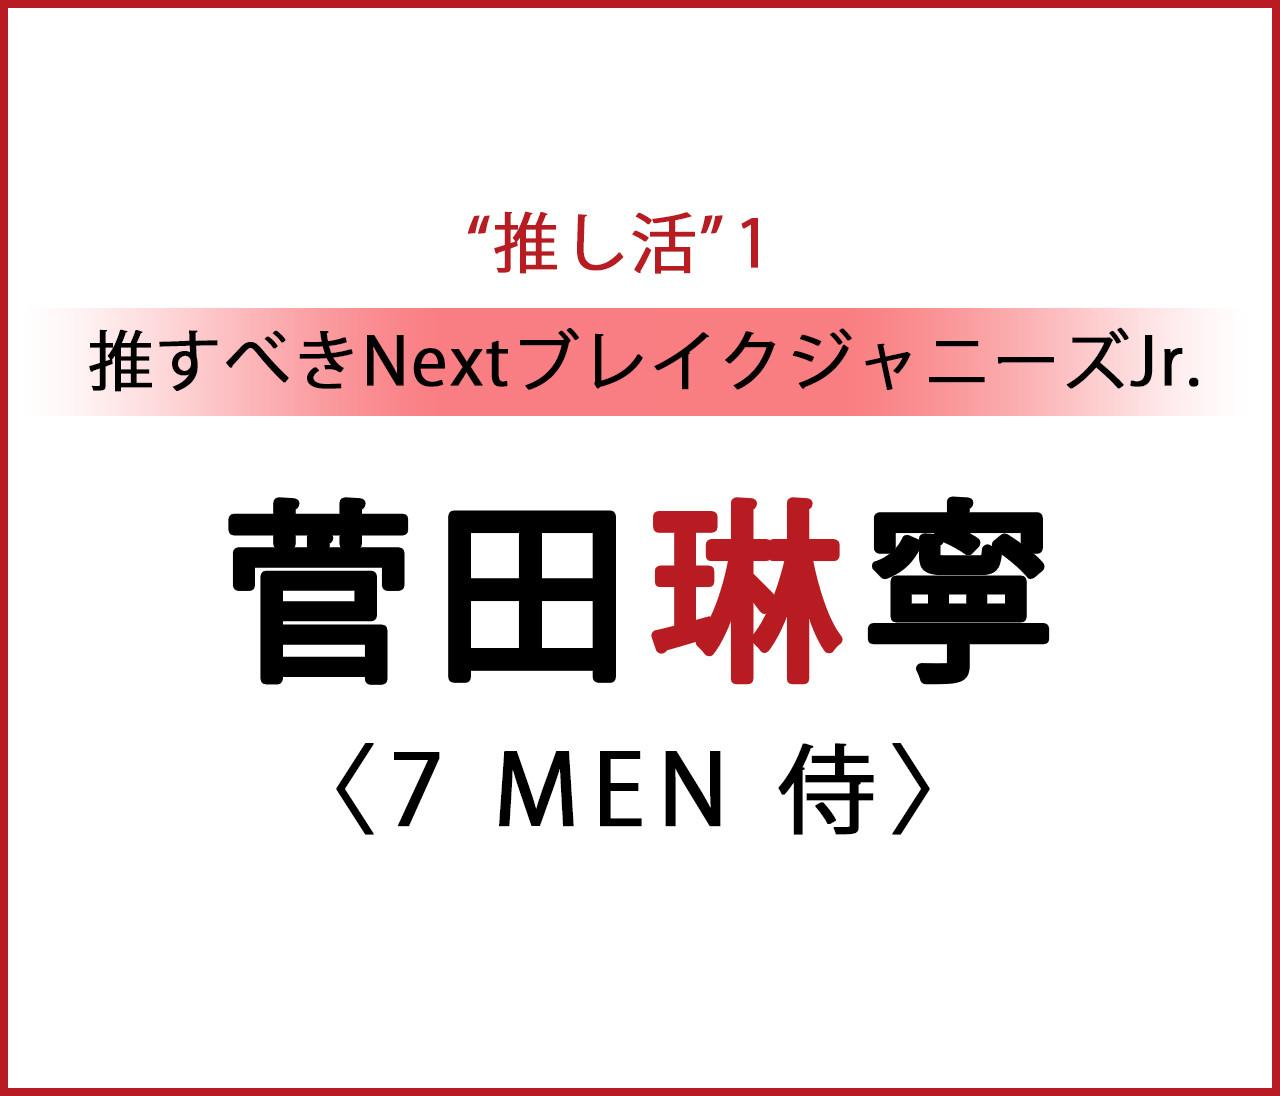 【推すべきNextブレイクジャニーズJr.】 #7MEN侍 #菅田琳寧 インタビュー